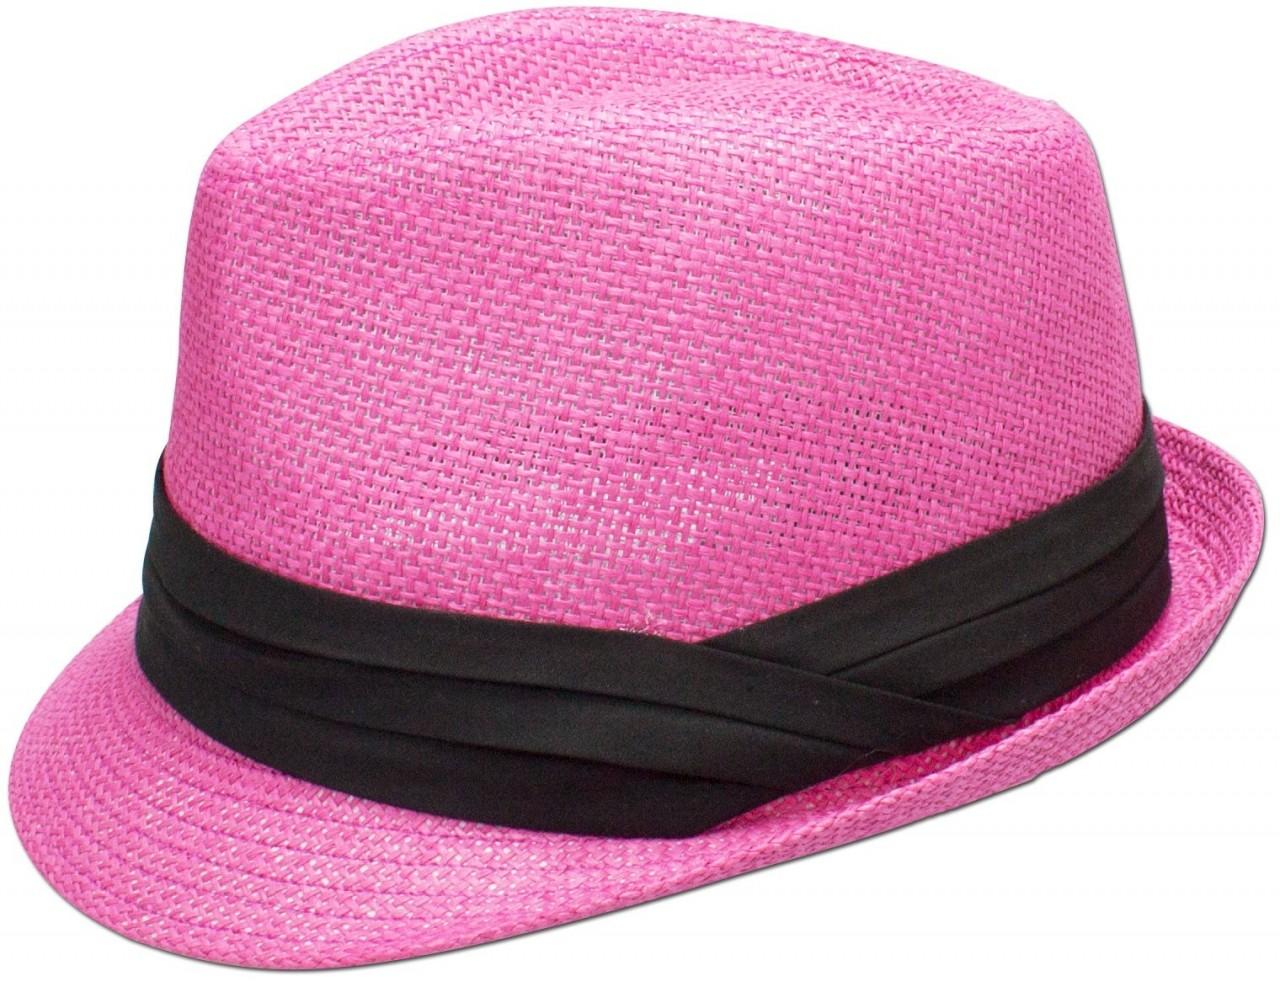 Trachten-Strohhut schlicht pink